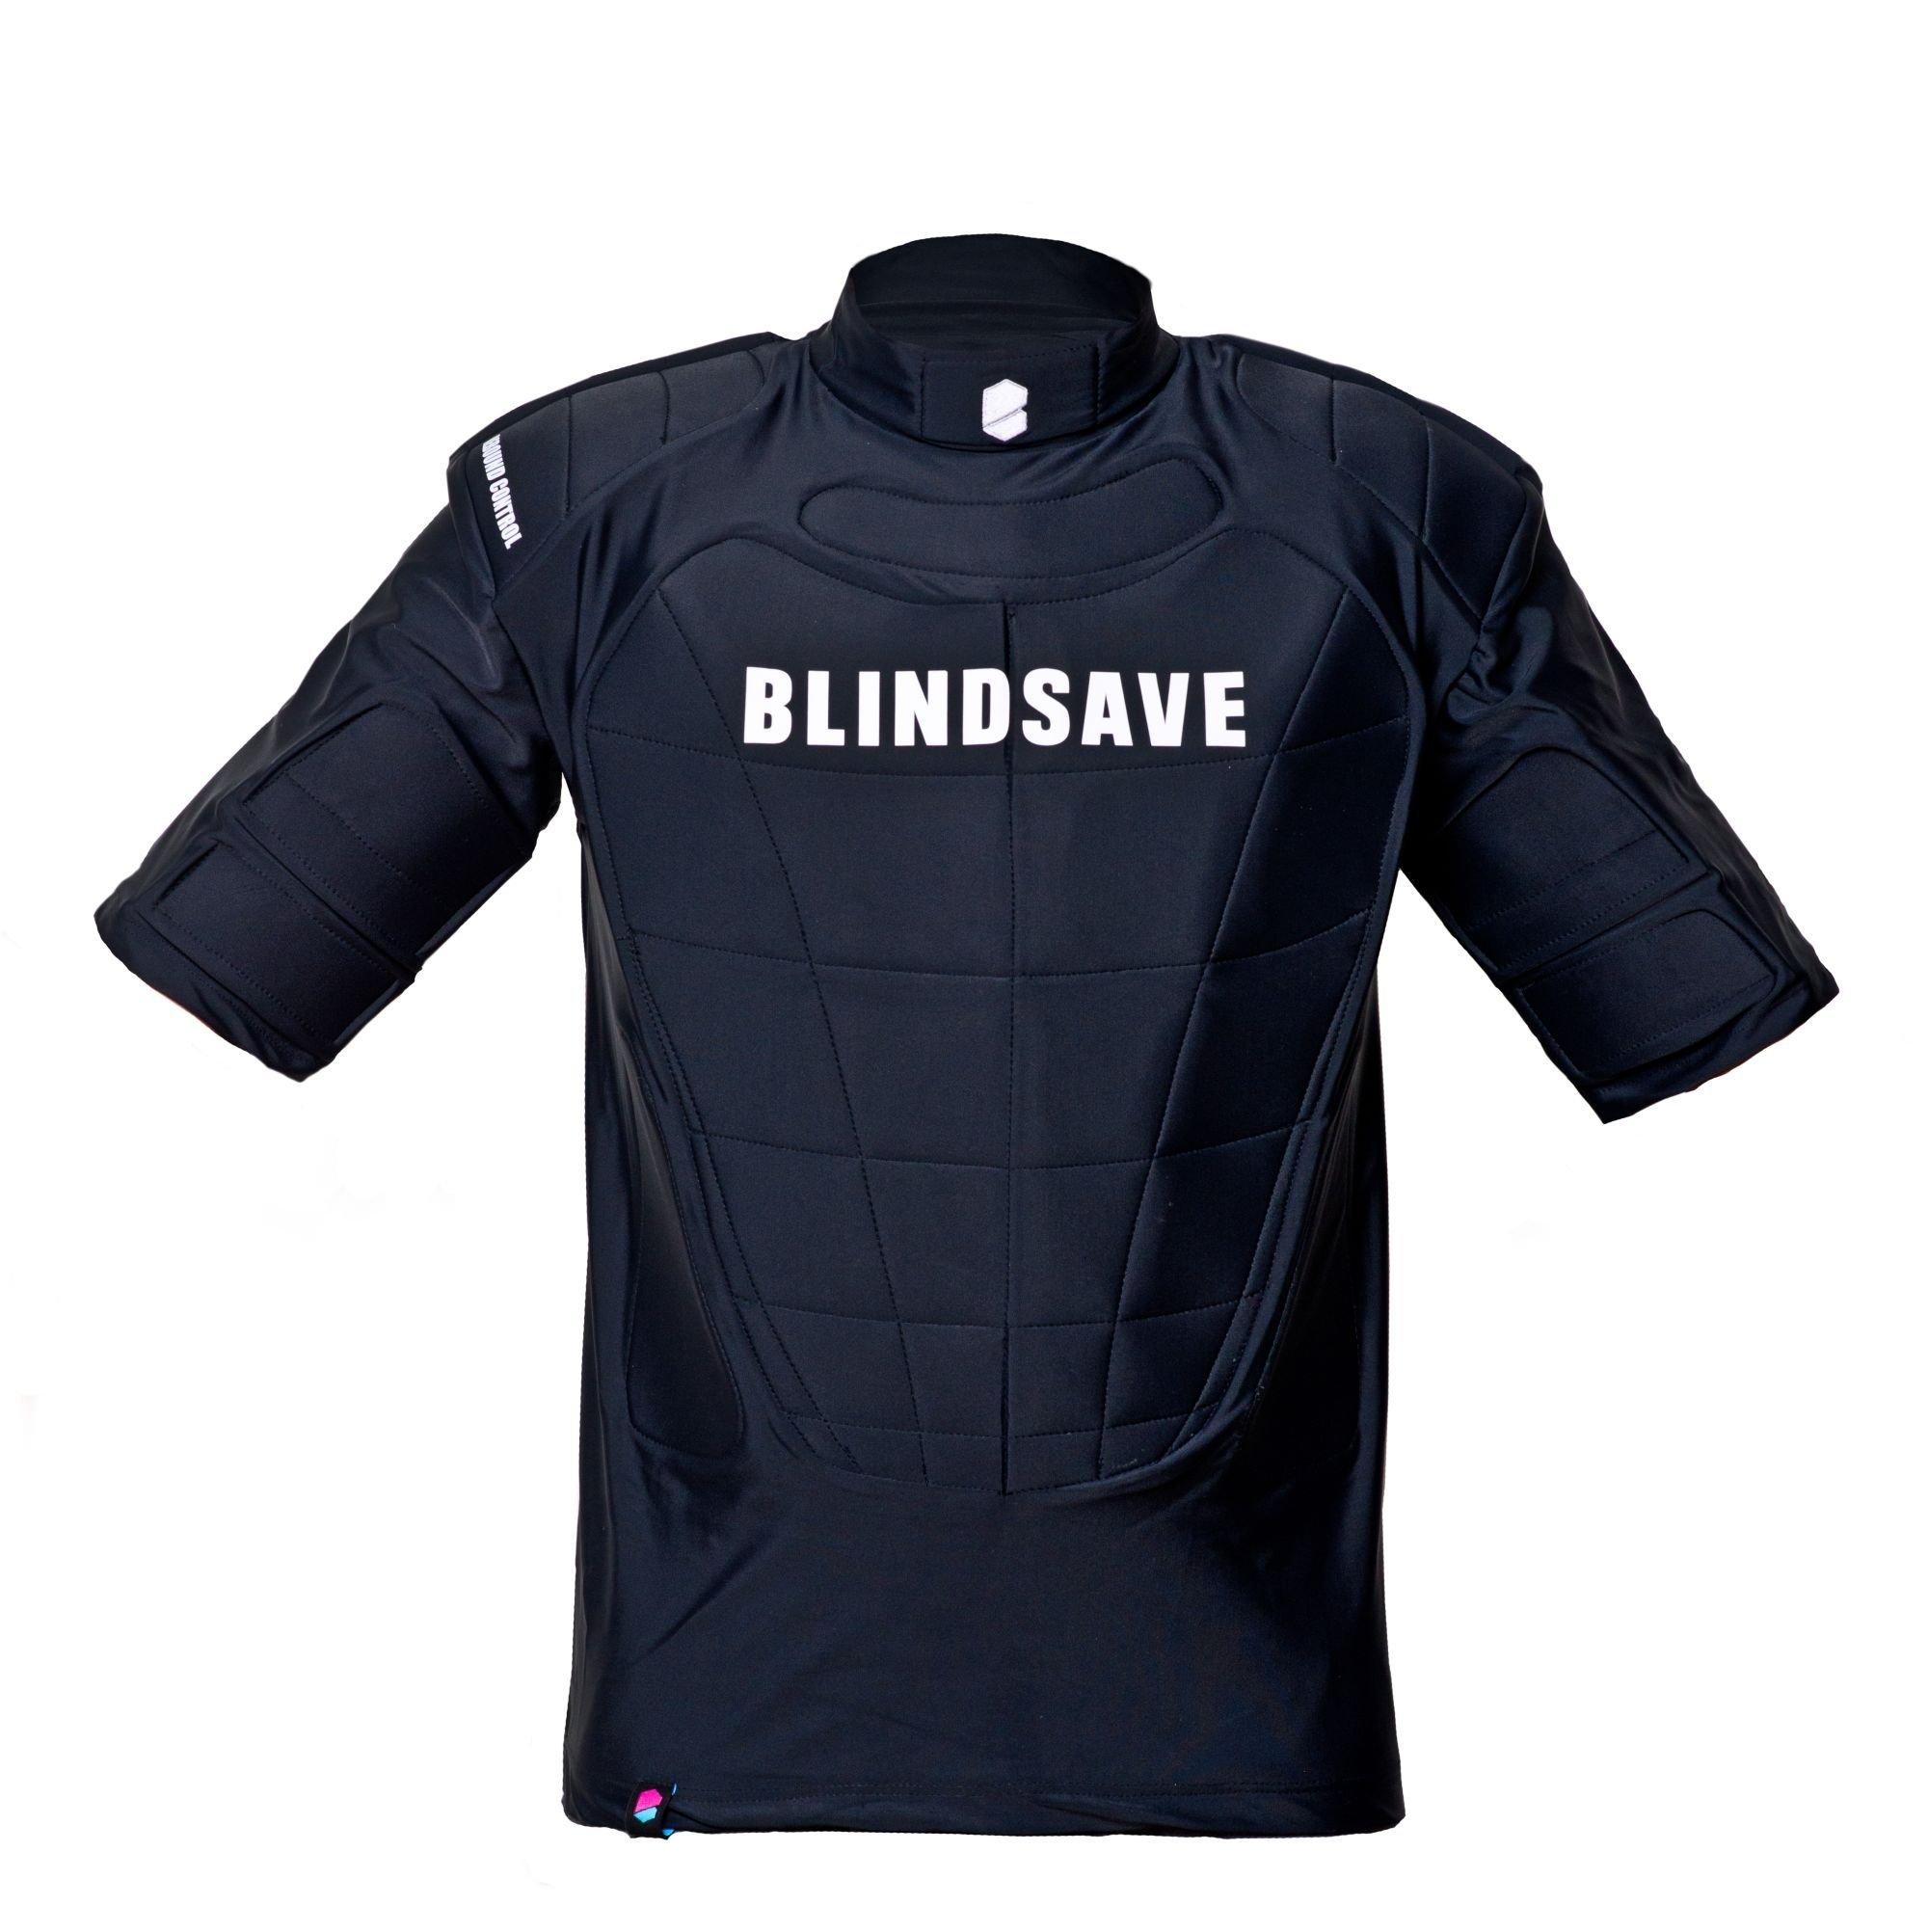 BlindSave Rebound brankářská vesta 16/17 L černá